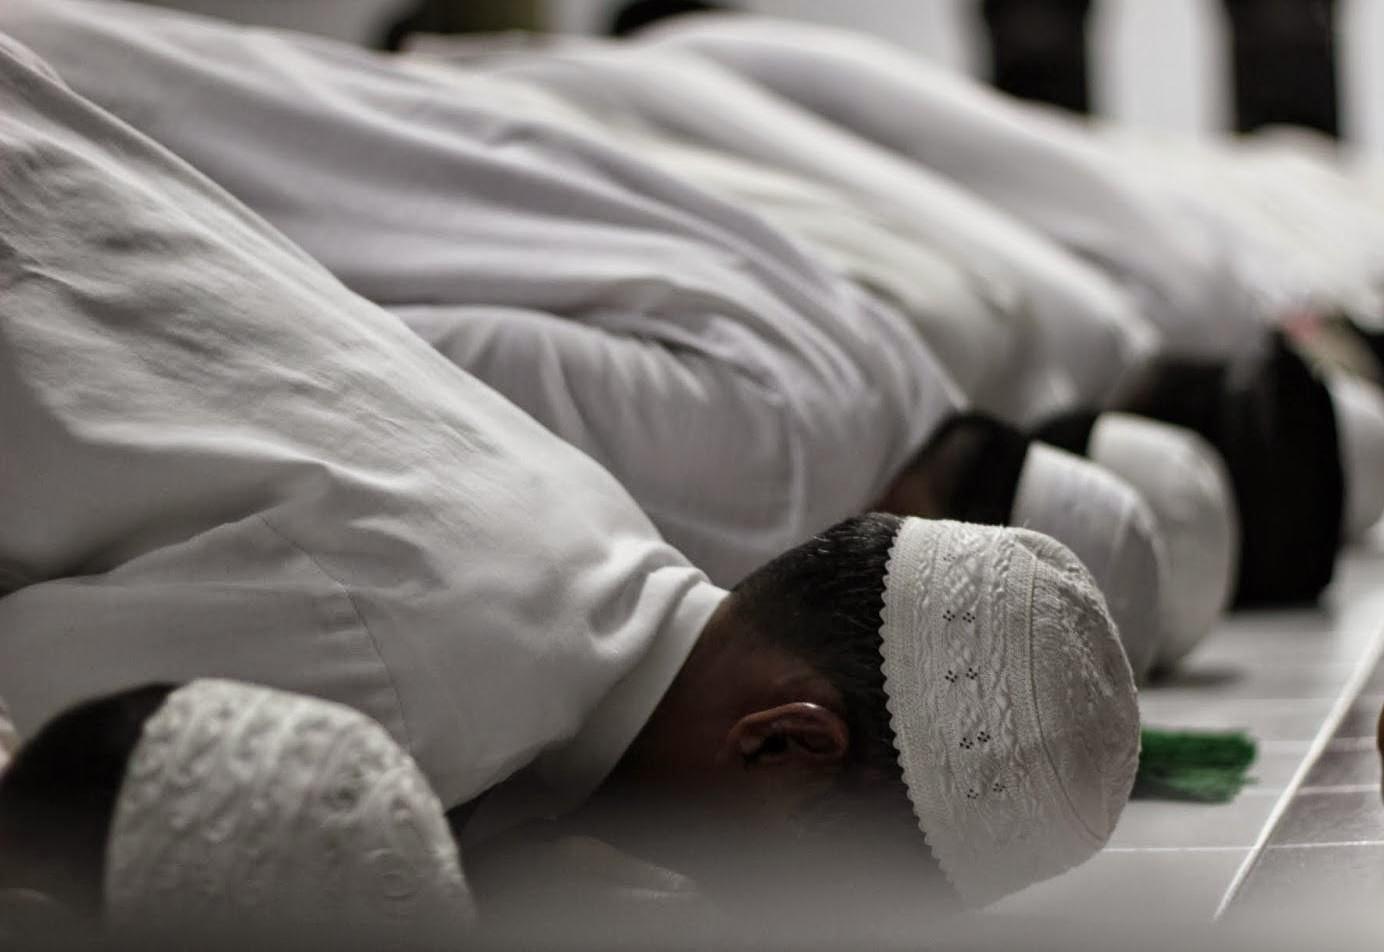 Bacalah Doa Ini Ketika Sujud Terakhir Dalam Solat, kelebihanya Sangat Luar Biasa.